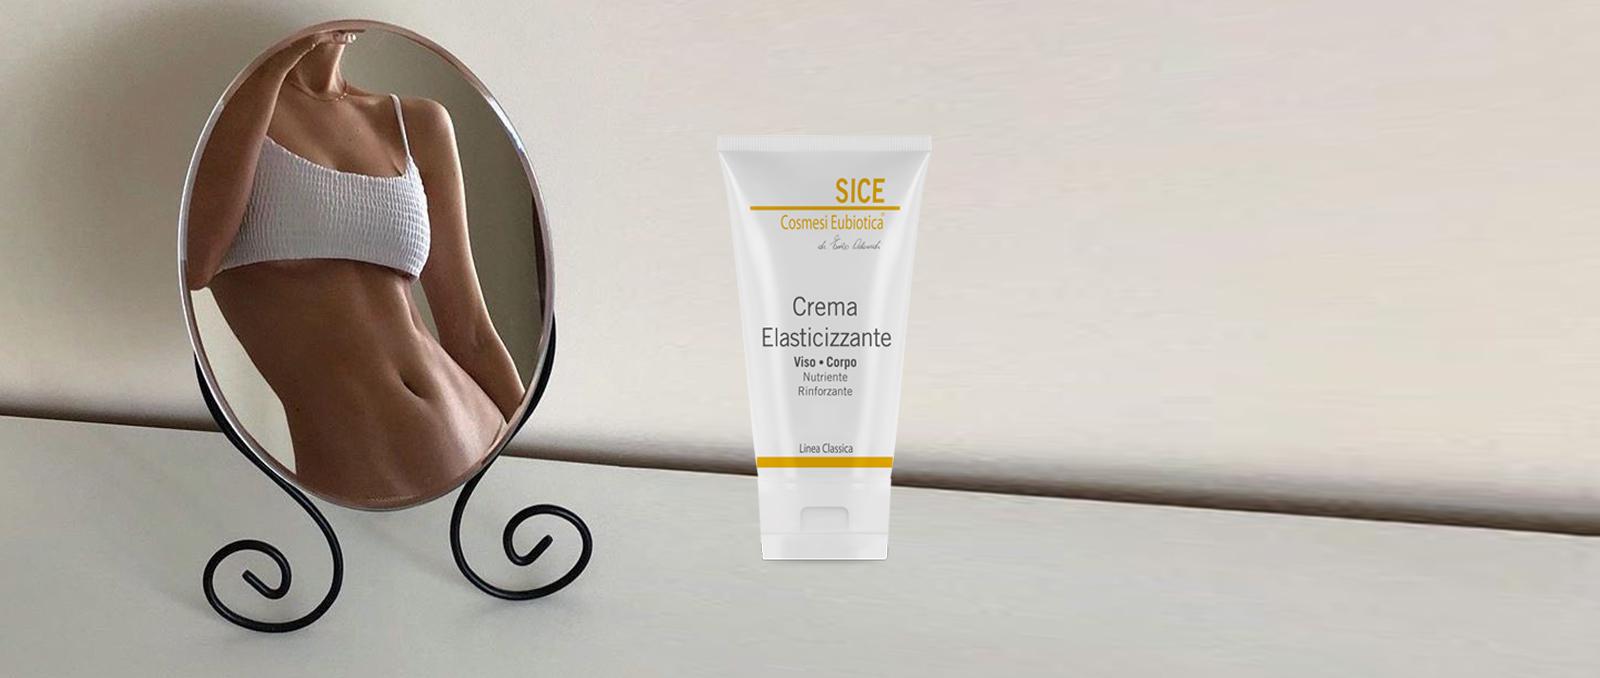 crema elasticizzante viso corpo nutriente rafforzante sice eubiotica header